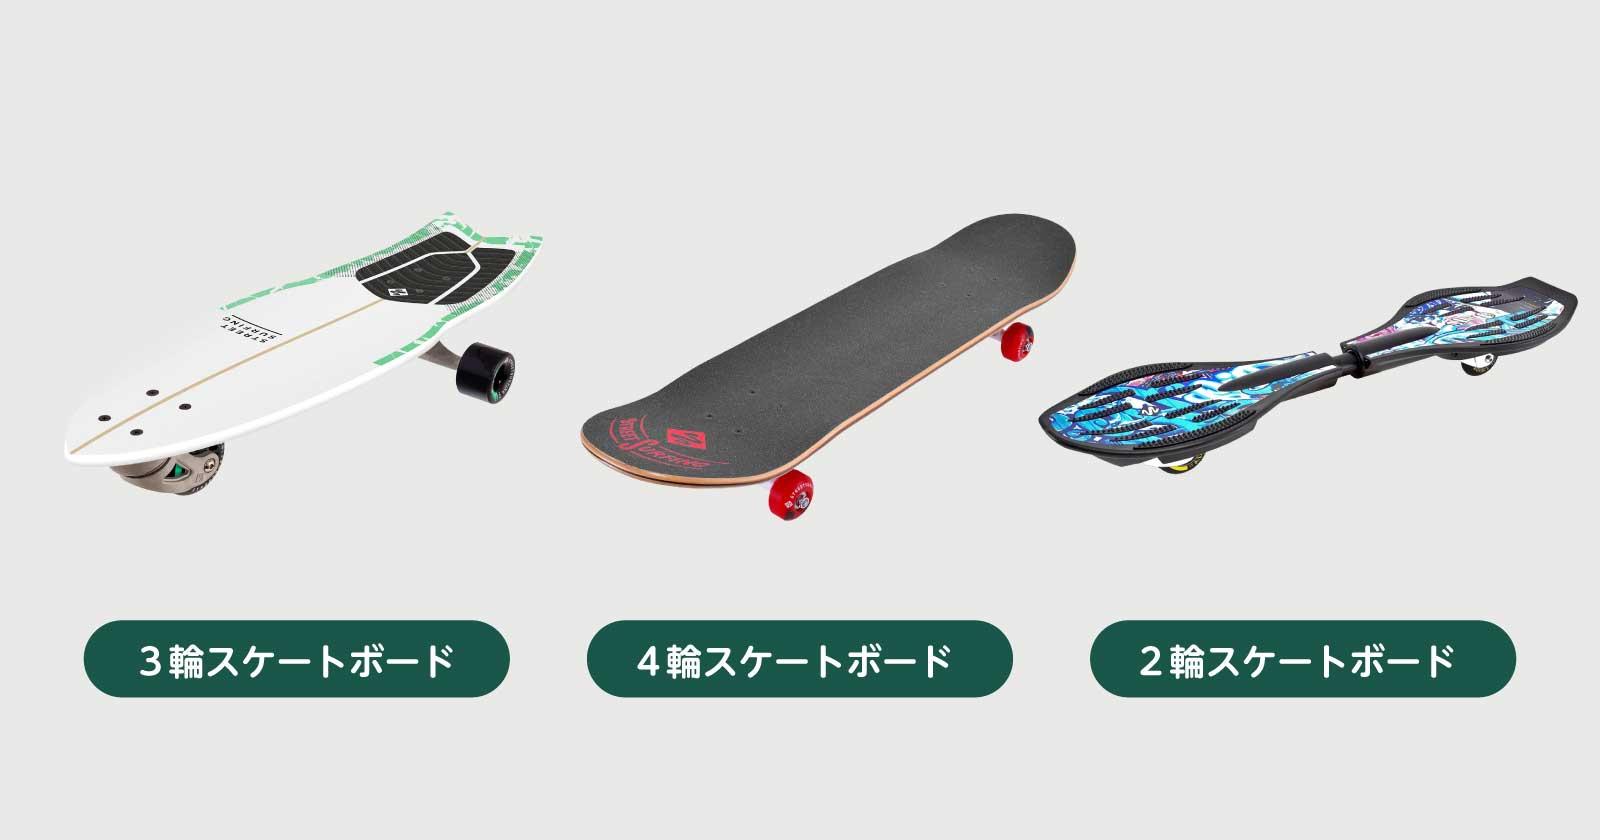 3輪スケート